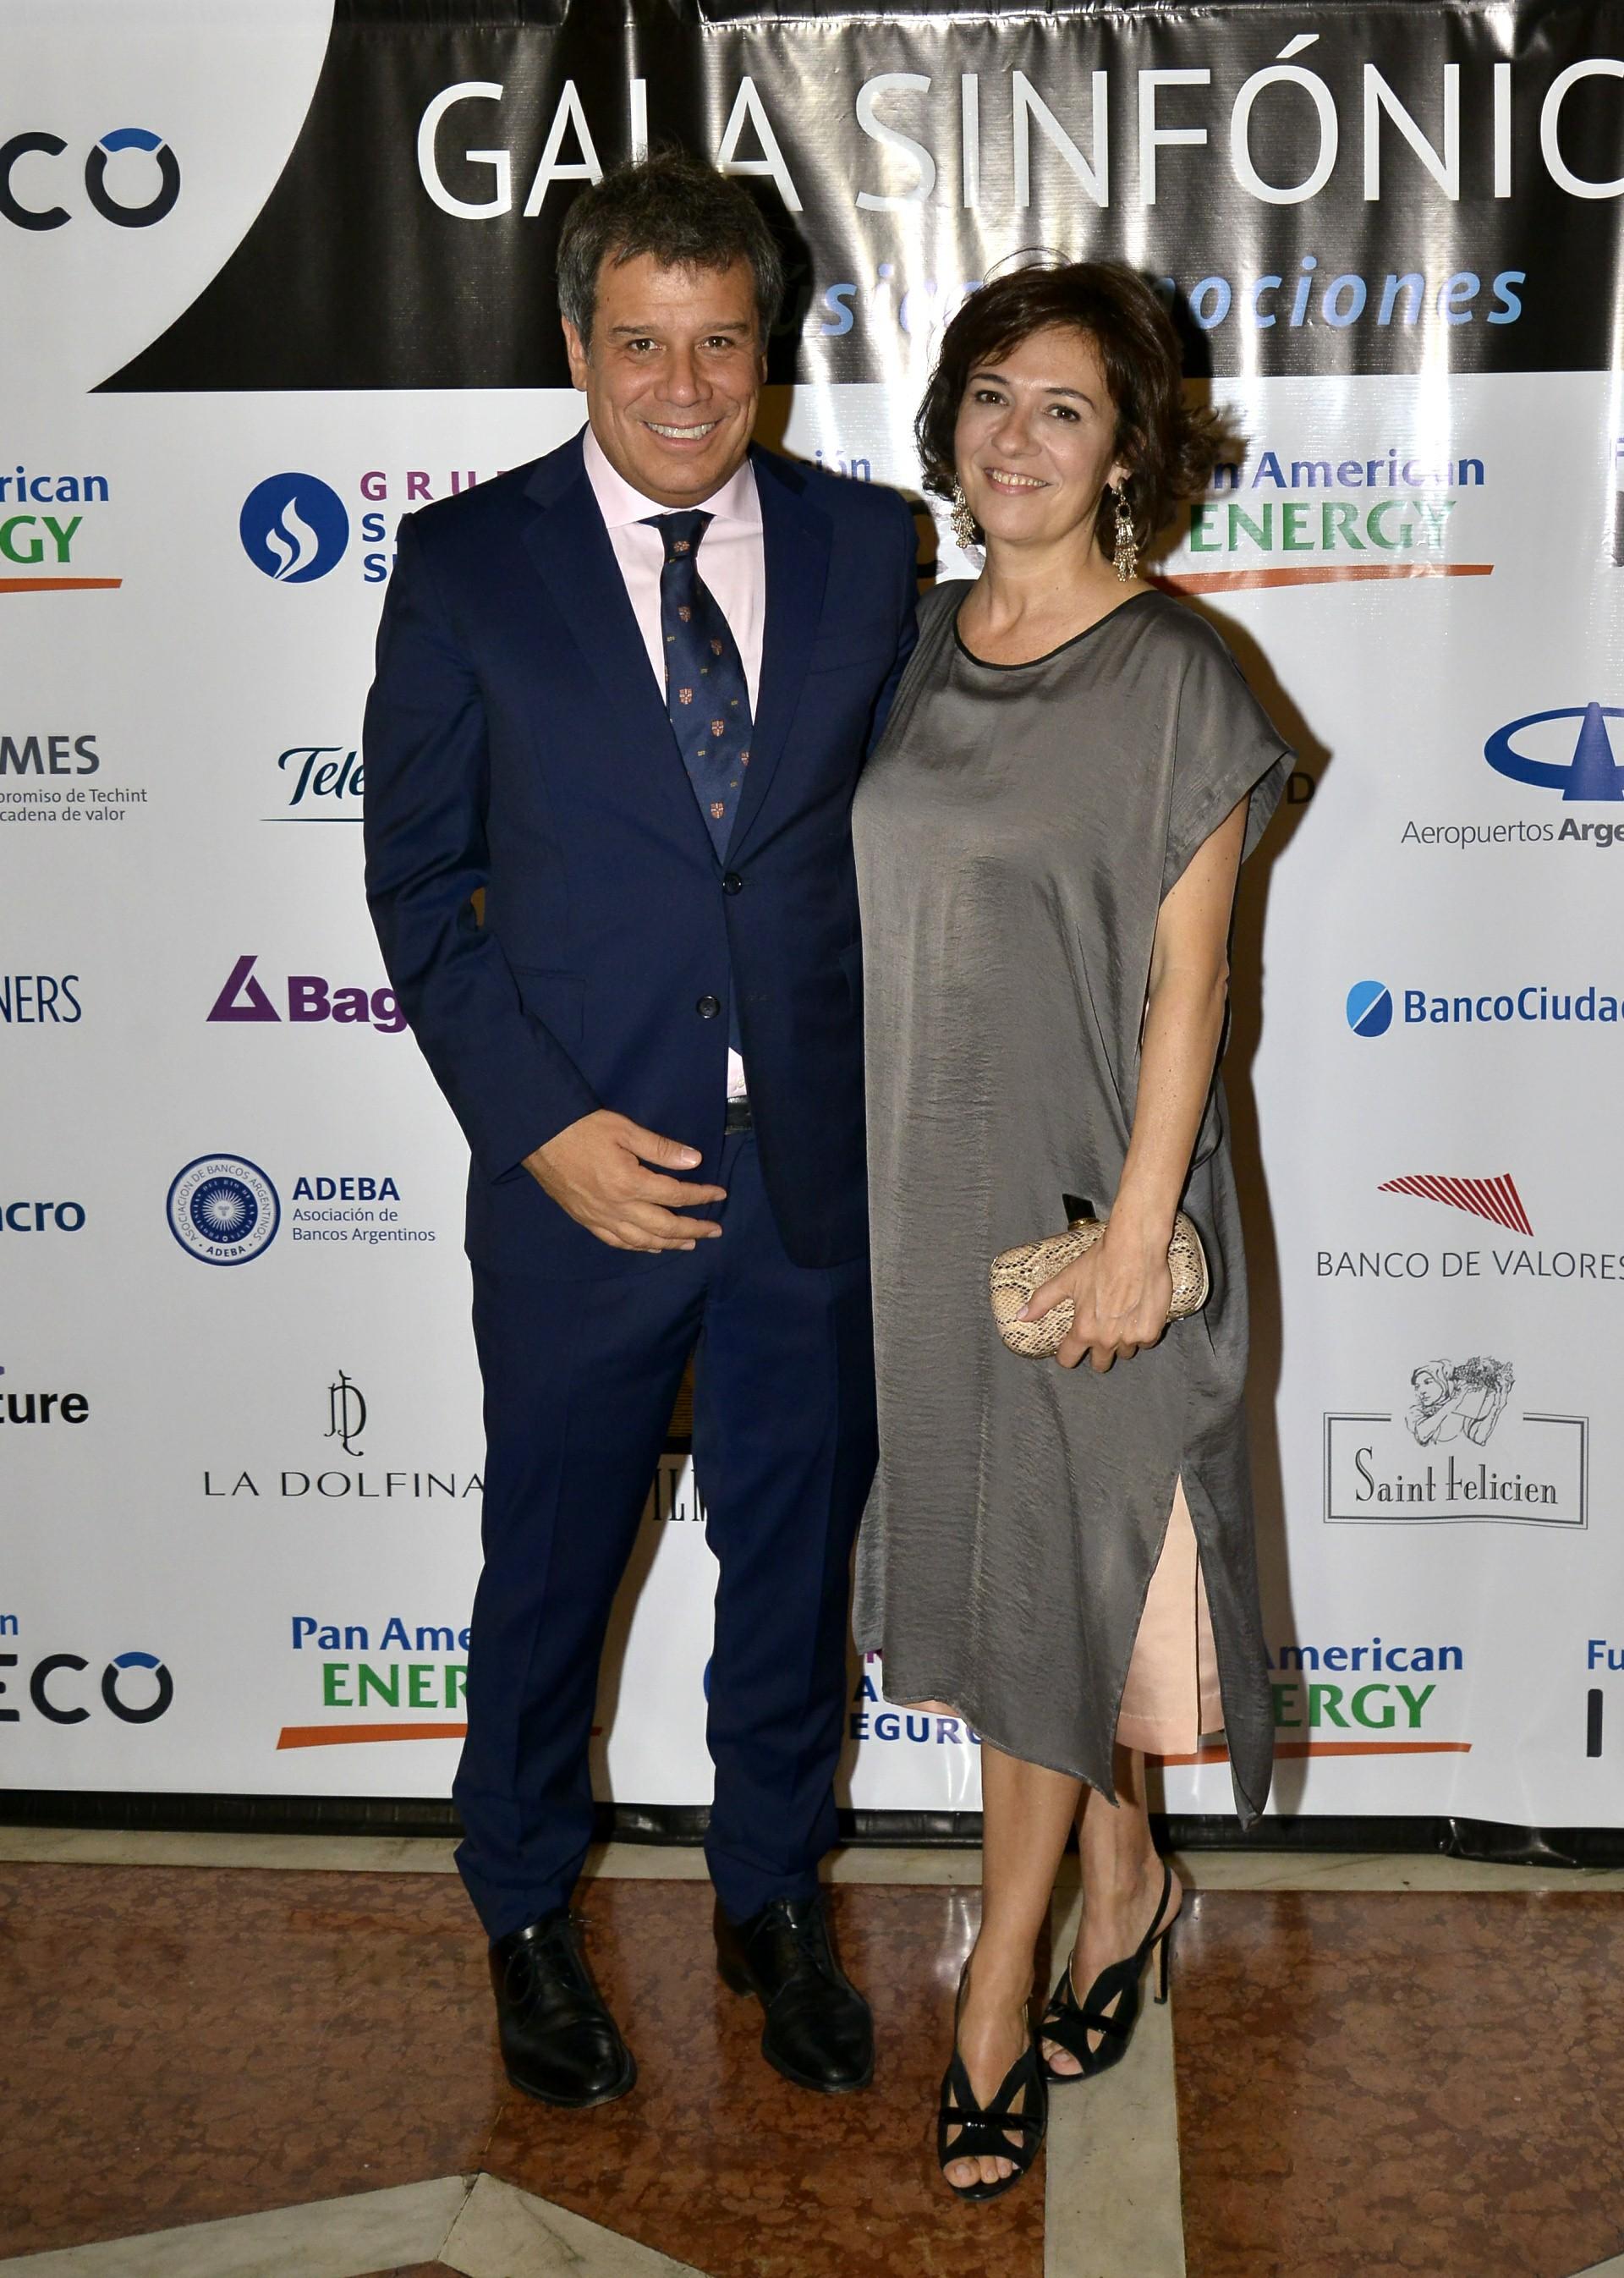 Facundo Manes y su mujer Josefina. La Gala Sinfónica se llevó a cabo a total beneficio de los laboratorios de investigación en neurociencias